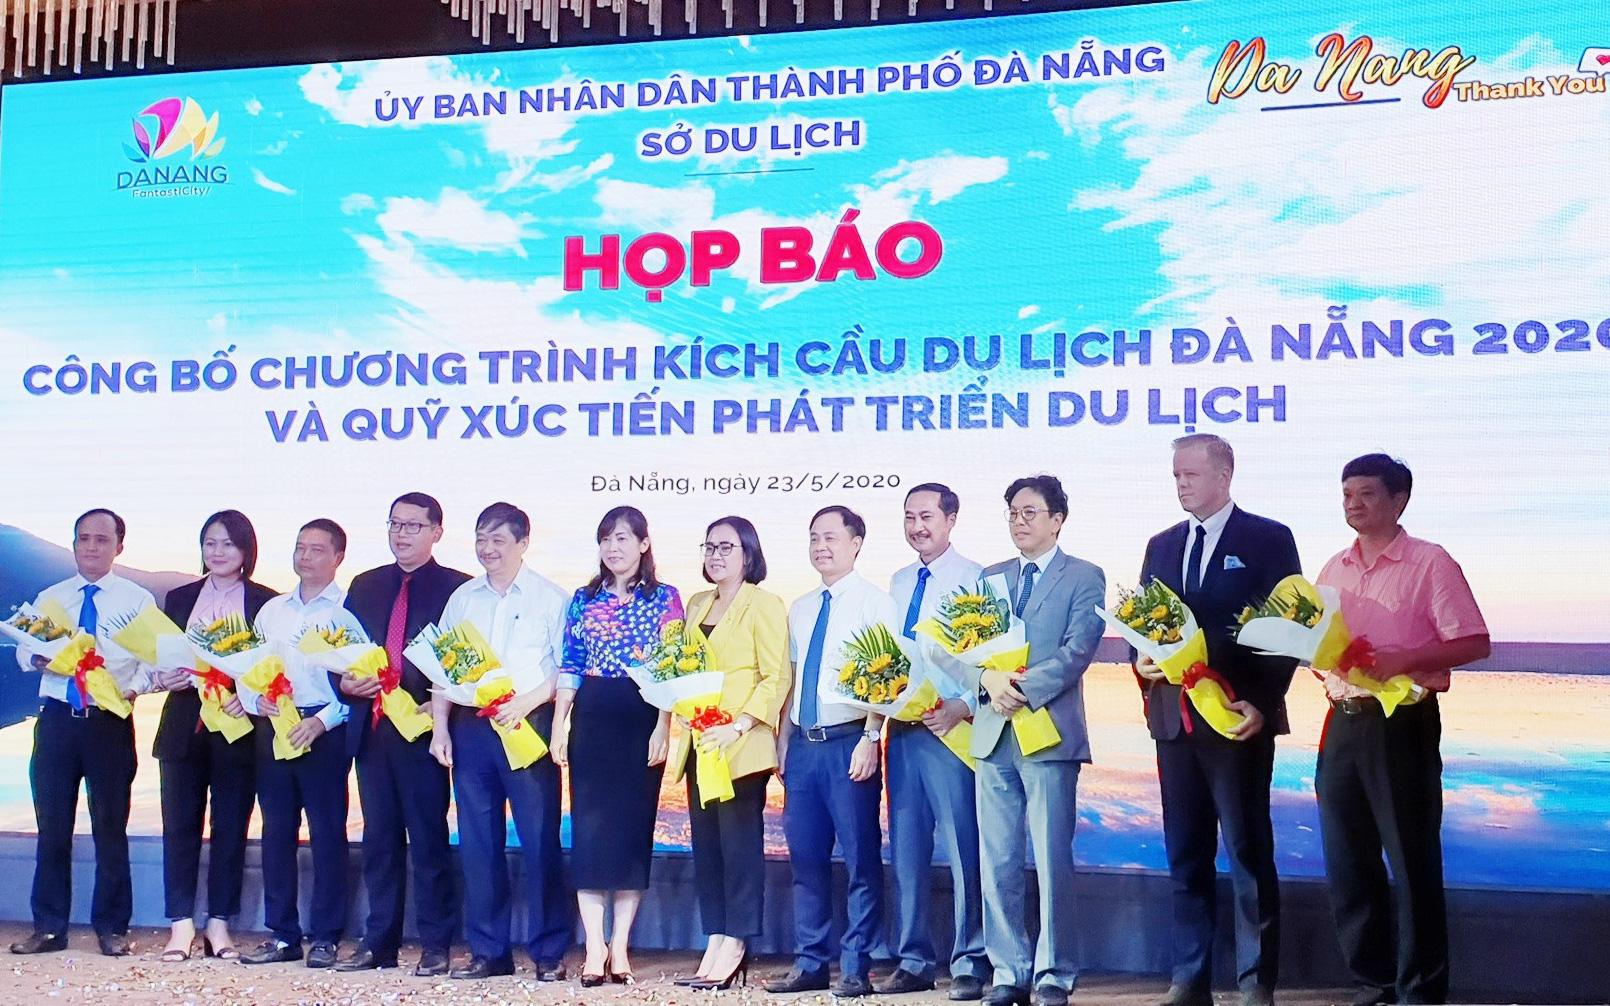 Đà Nẵng ra mắt Quỹ Xúc tiến phát triển du lịch